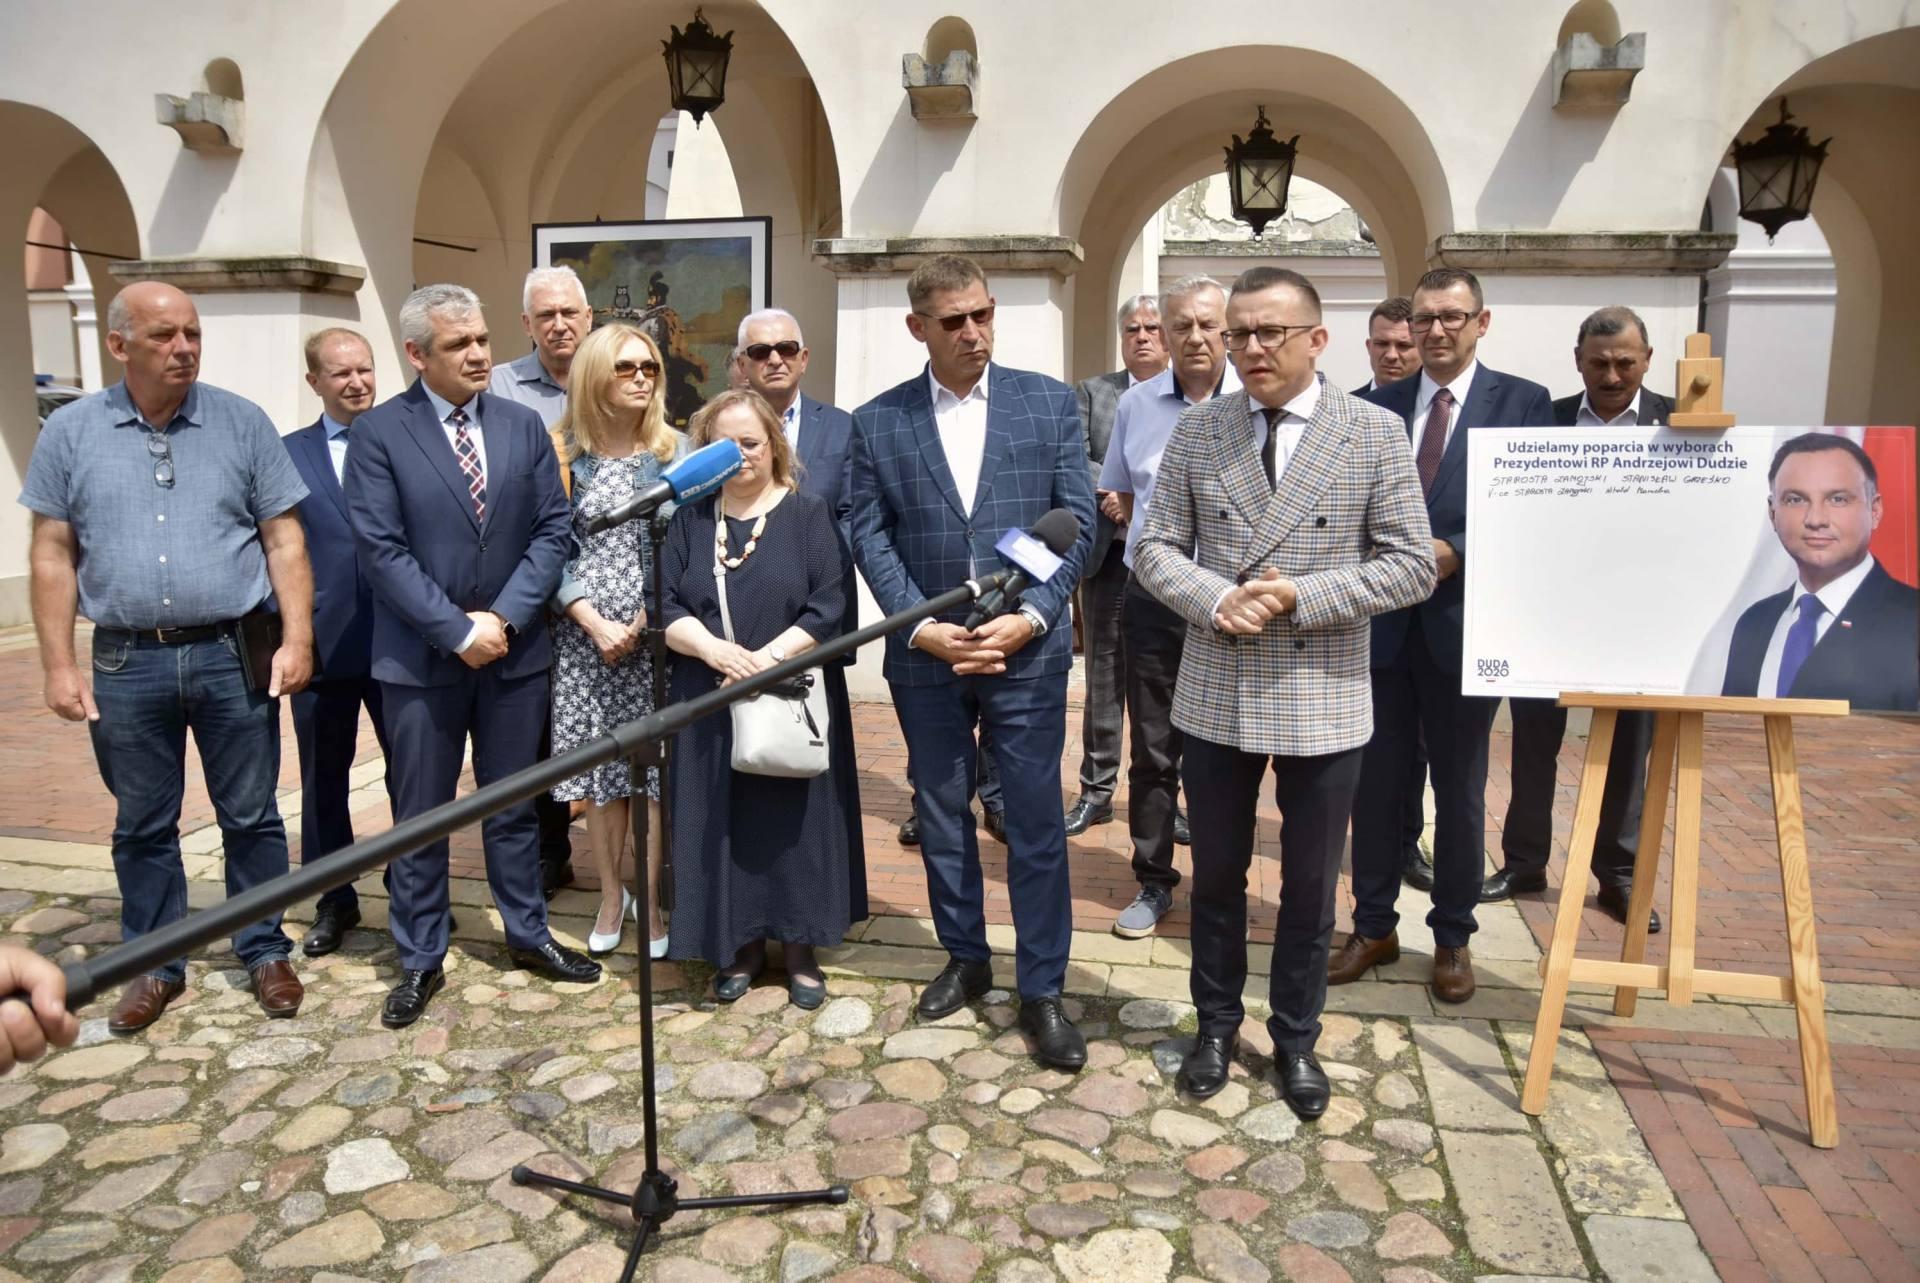 dsc 7774 Zamość: Udzielili poparcia prezydentowi Andrzejowi Dudzie